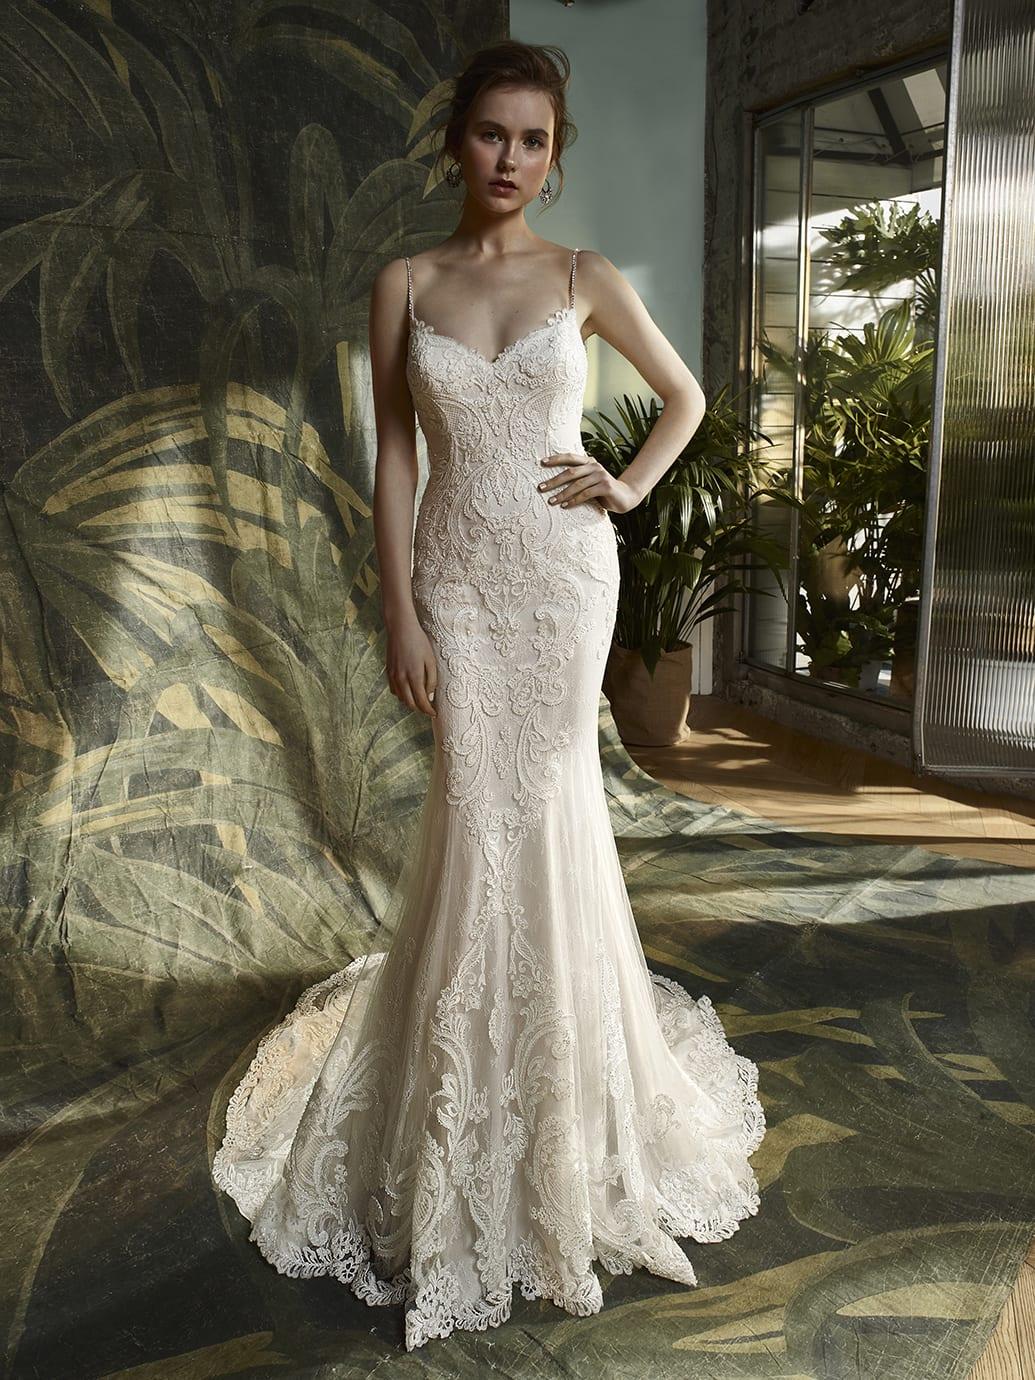 Blue by Enzoani Kamryn Wedding Dress Front